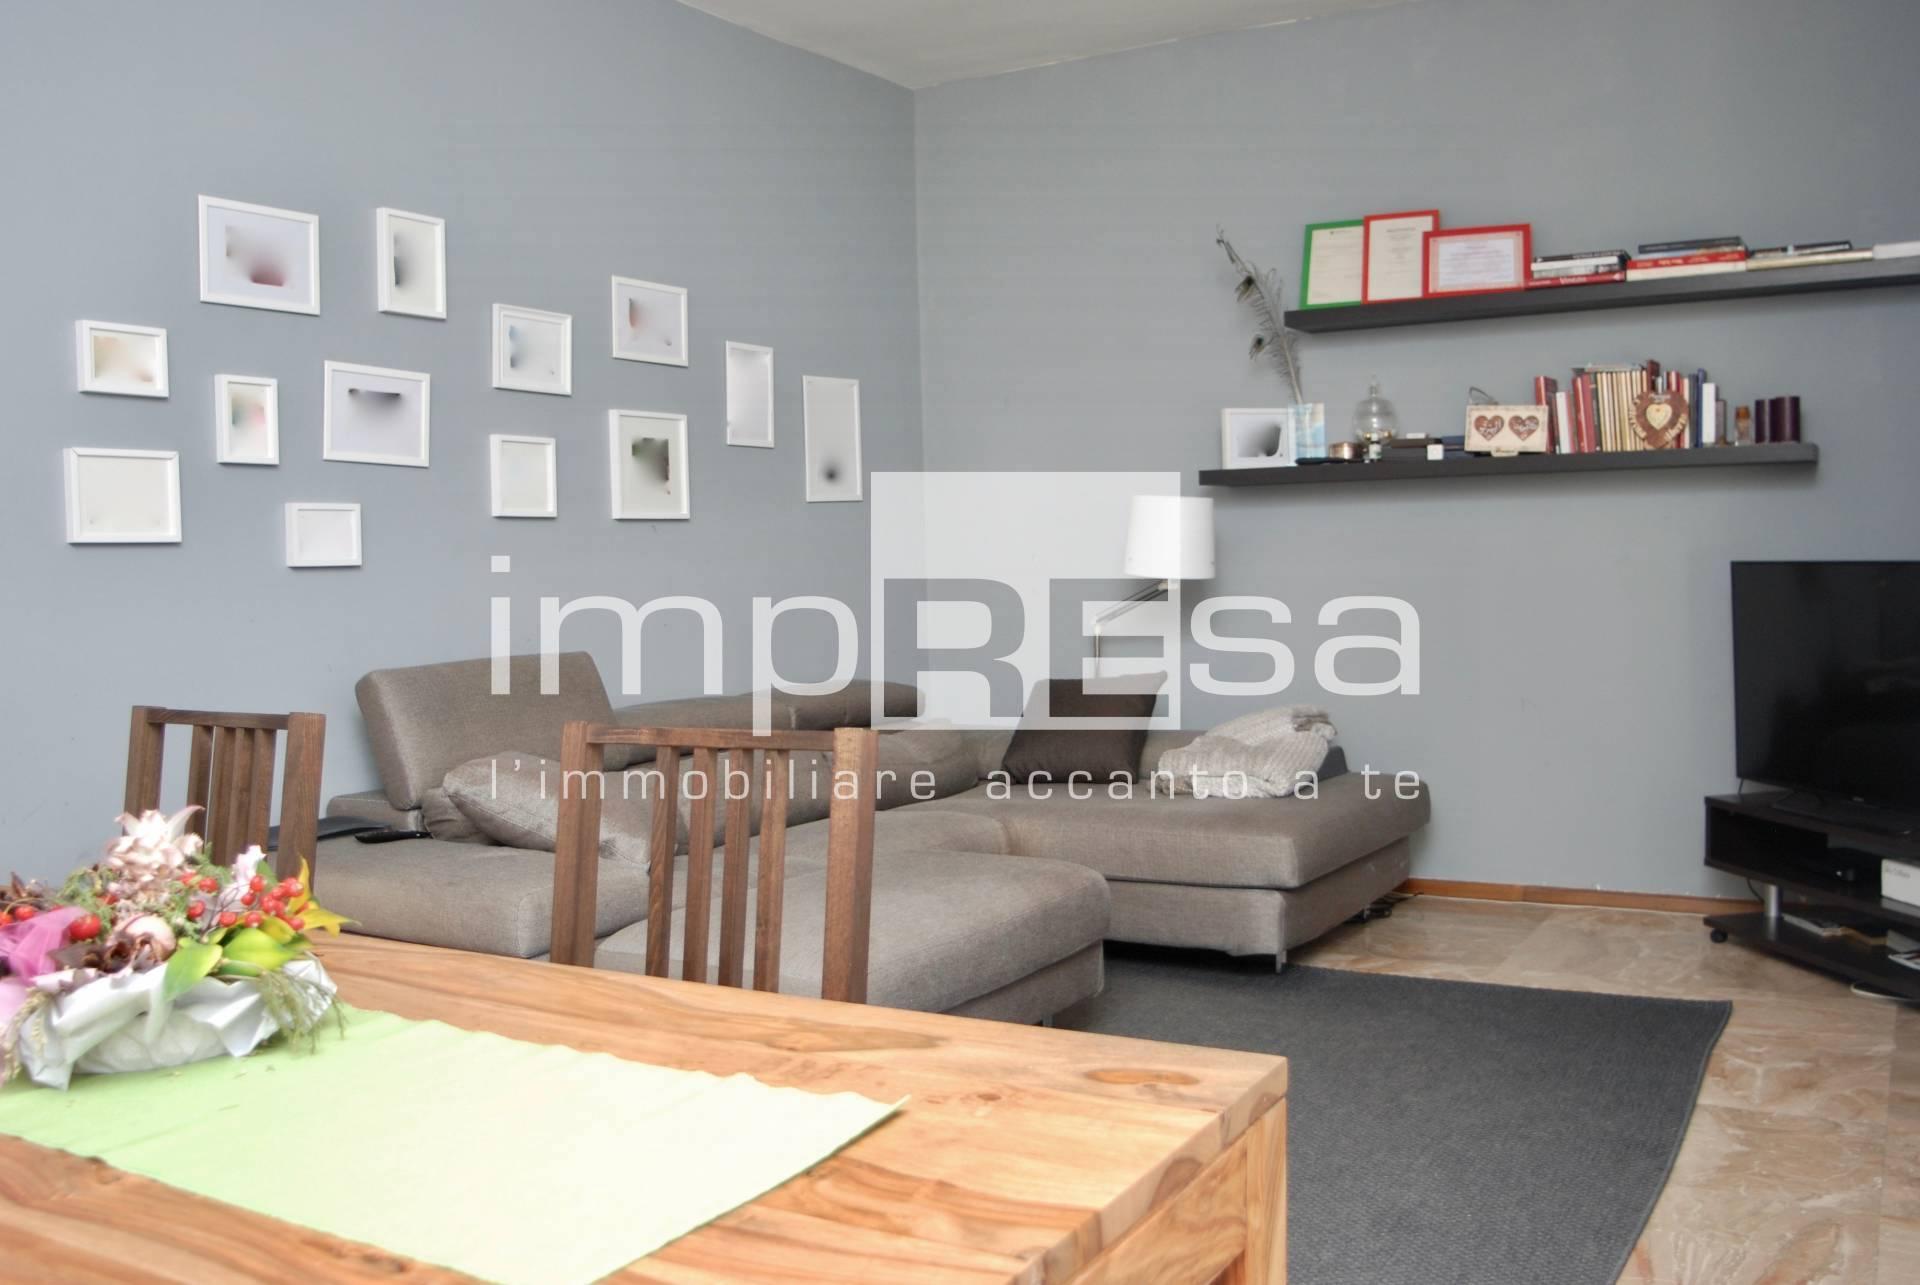 Appartamento in vendita a Treviso, 8 locali, zona Località: FuoriMura, prezzo € 170.000   PortaleAgenzieImmobiliari.it